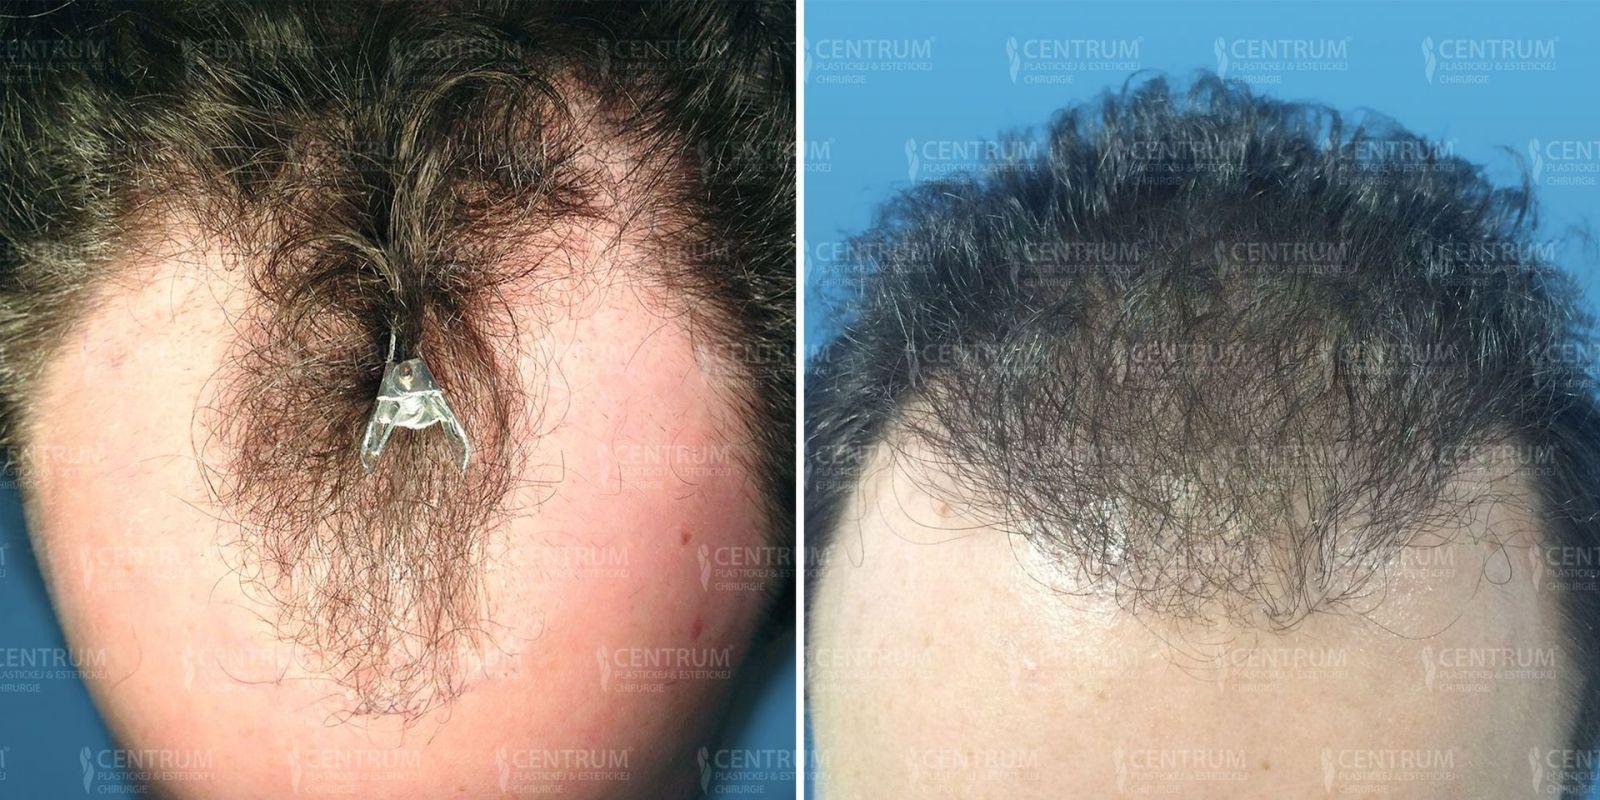 ... Minimálne invazívna automatizovaná FUE metóda transplantácie vlasov  (NEOGRAFT) 9512a370d21